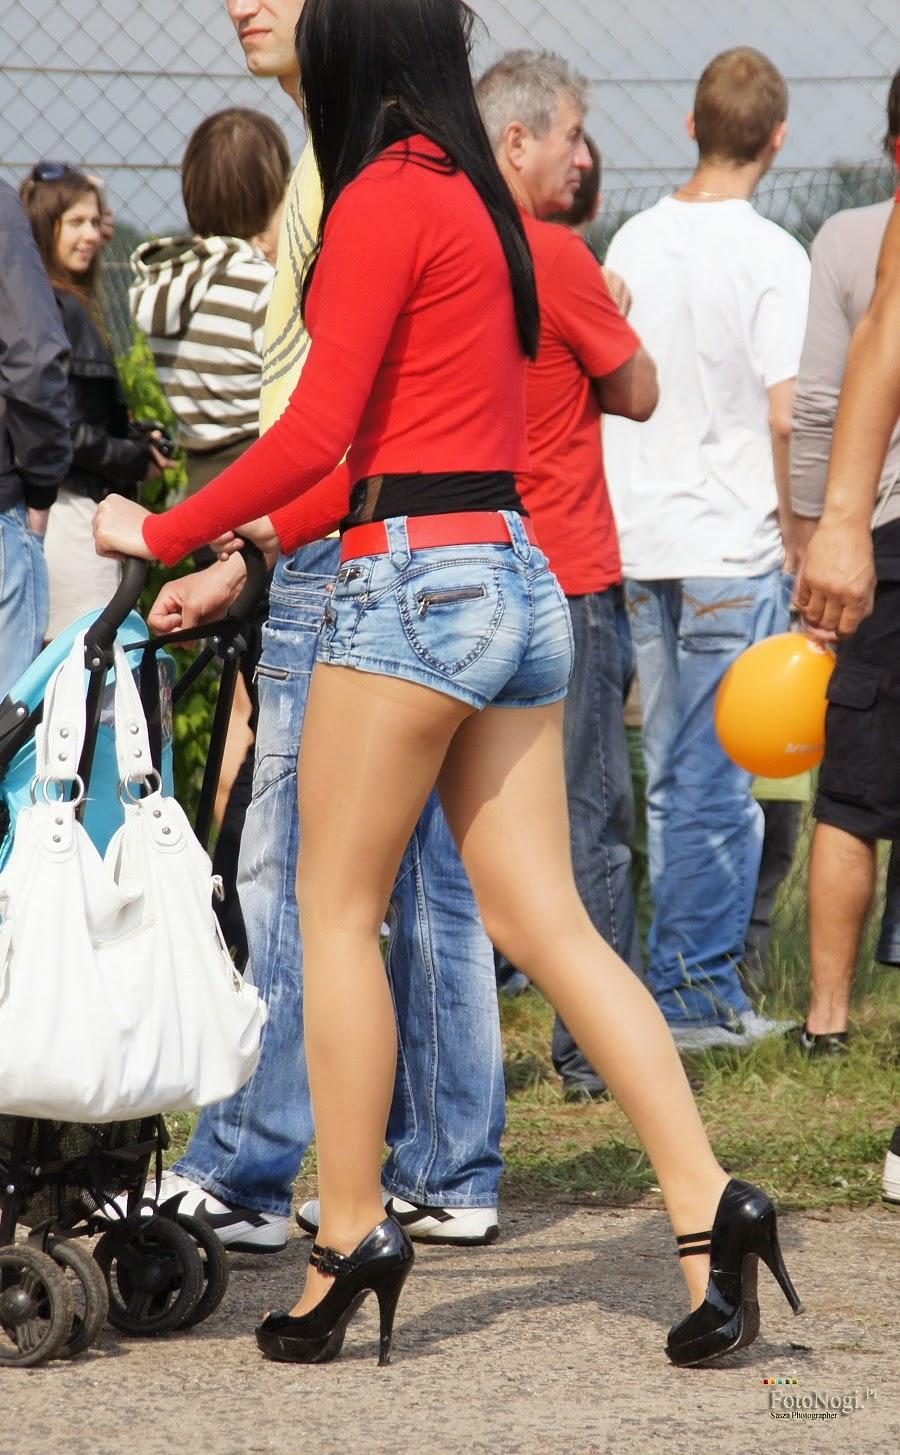 Unas ricas nalgas en minifalda y pantimedias - 1 part 3